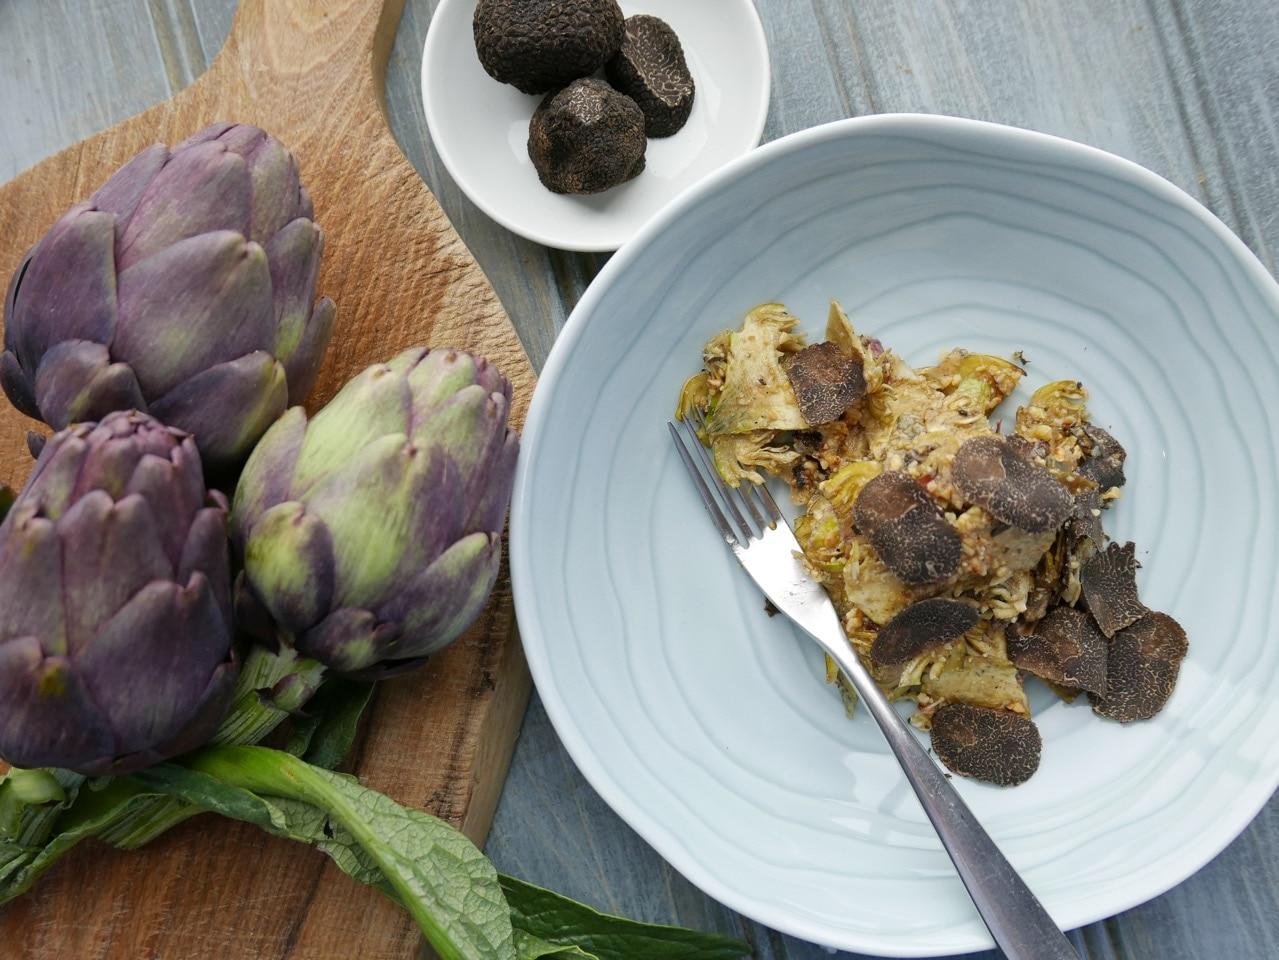 Artichoke, Hazelnut, Parmesan and Truffle Salad